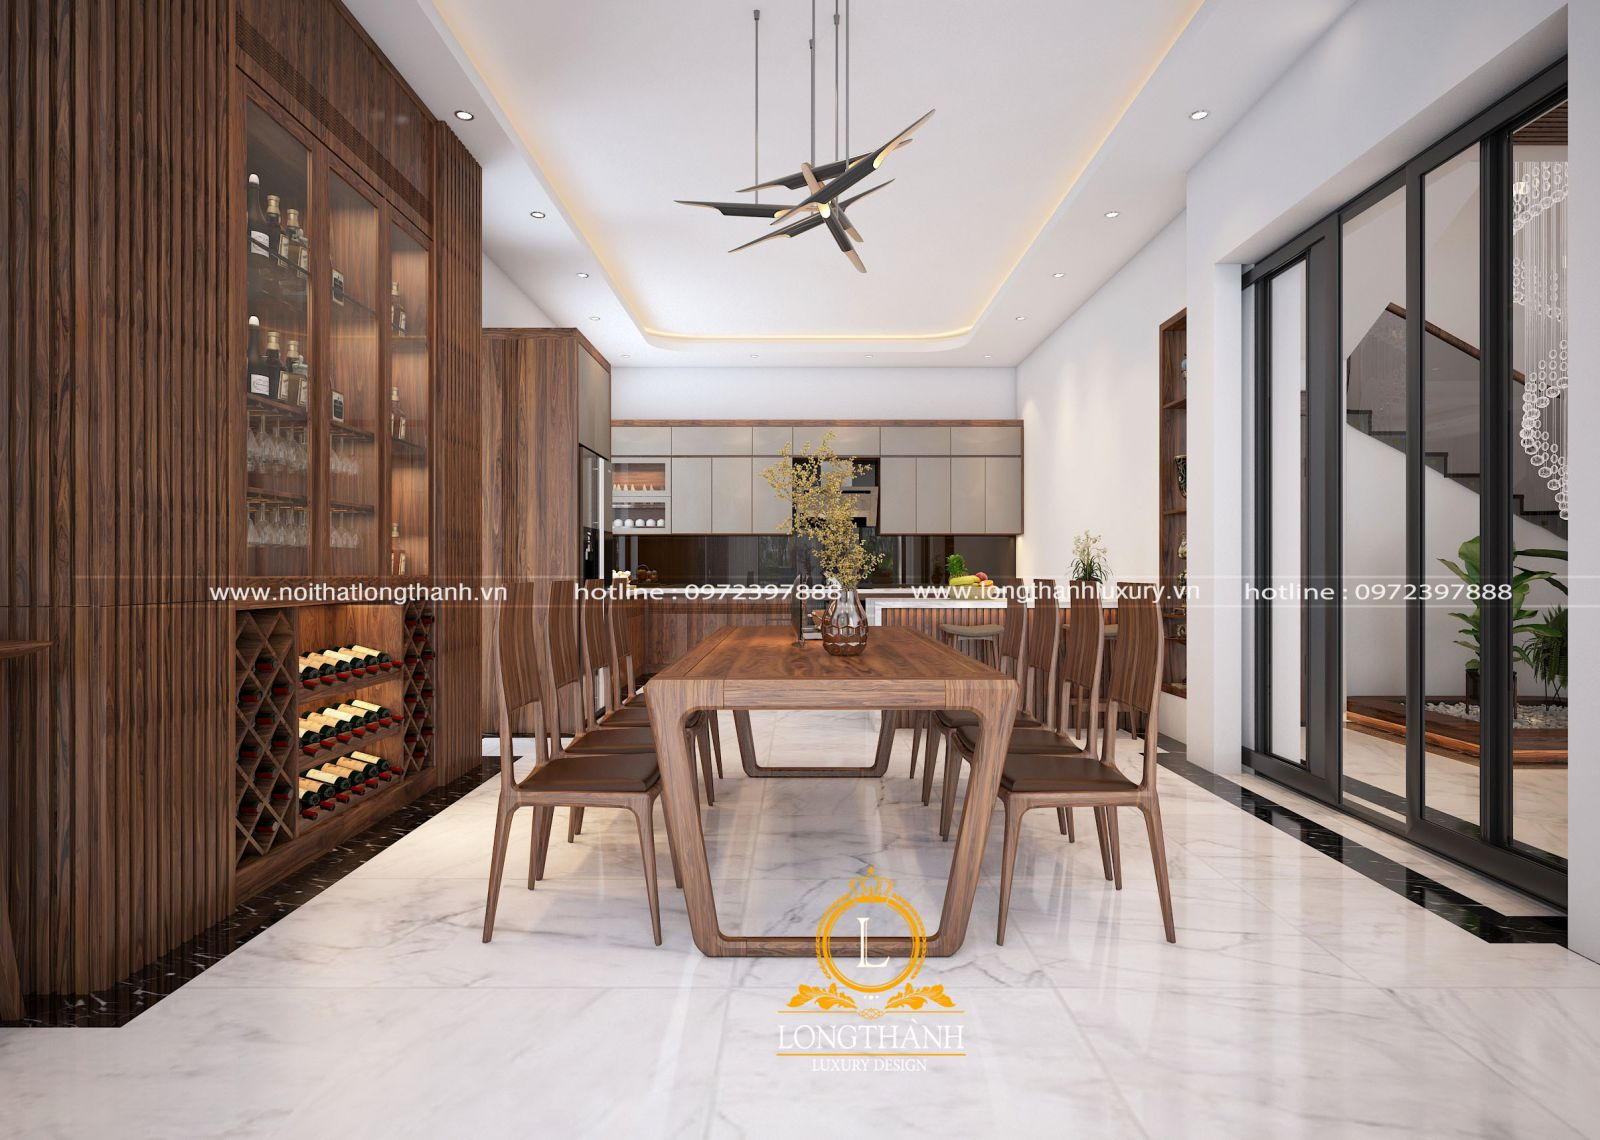 Bàn ghế ăn thiết kế theo phong cách hiện đại nhẹ nhàng và tinh tế